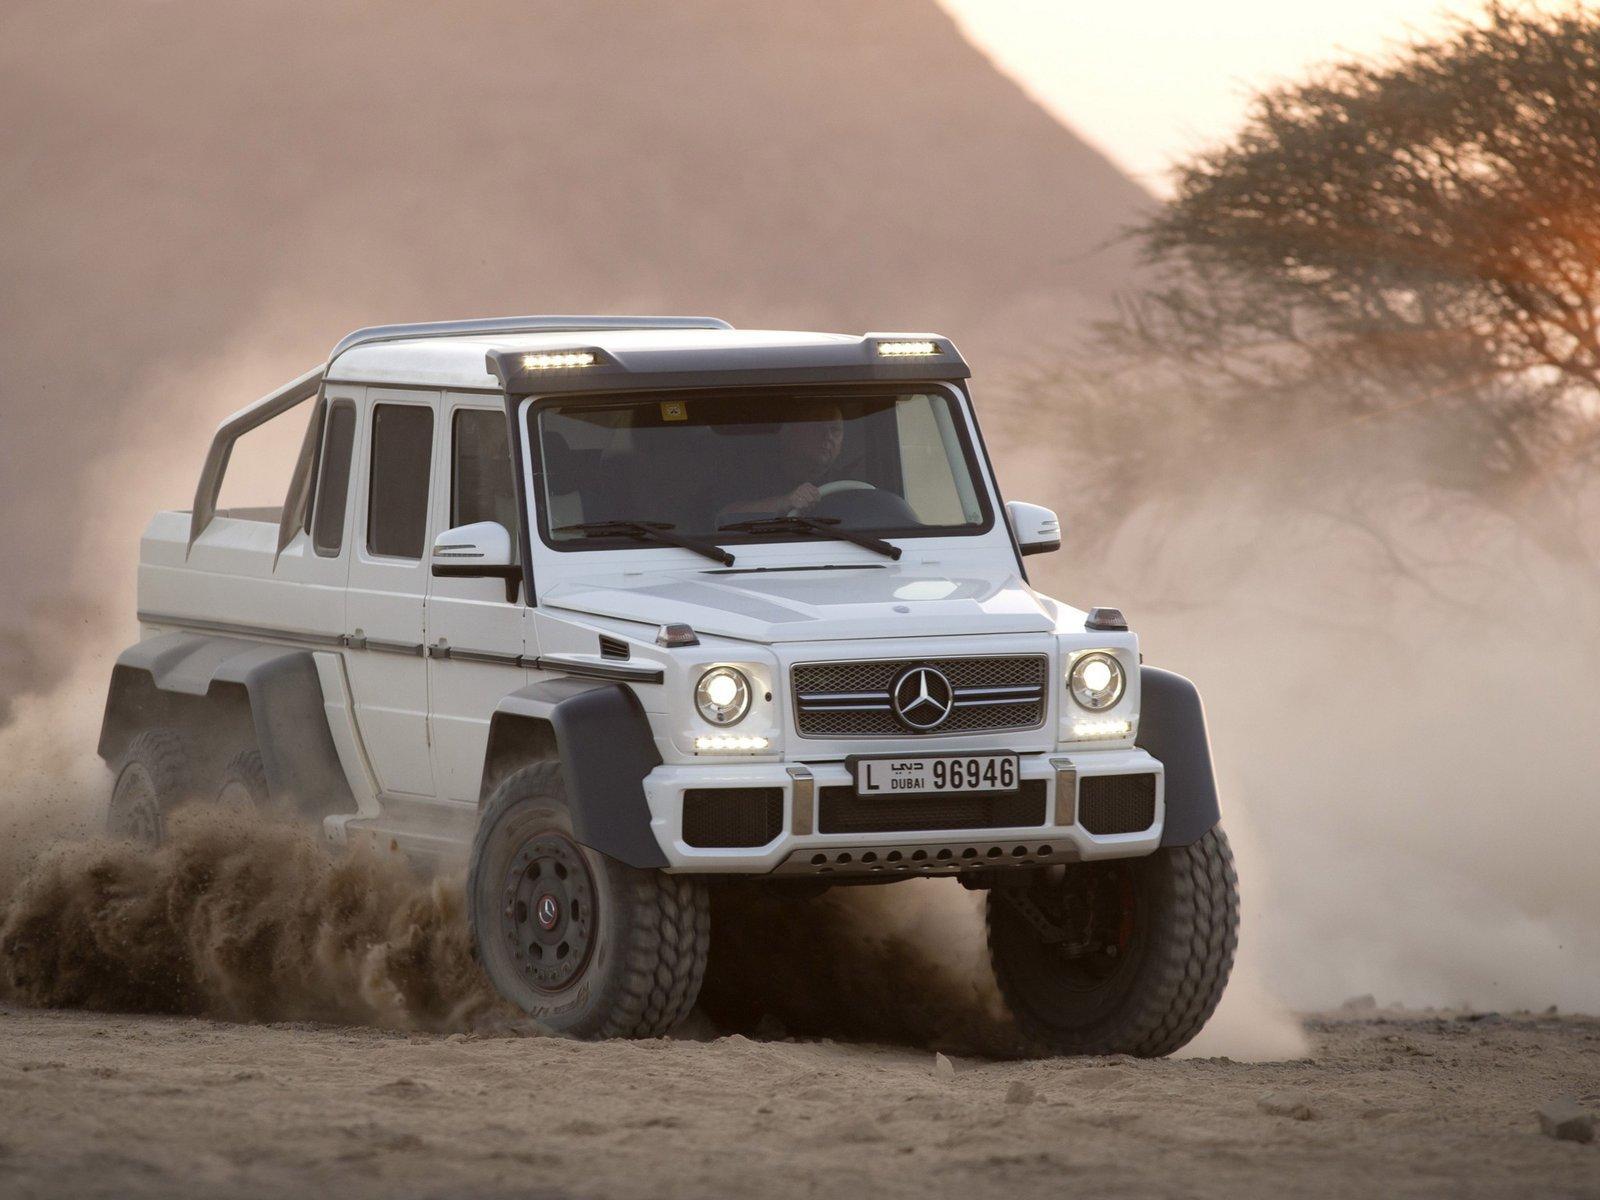 Mercedes benz g 63 amg 6x6 to star in next jurassic park for Mercedes benz g 63 amg 6x6